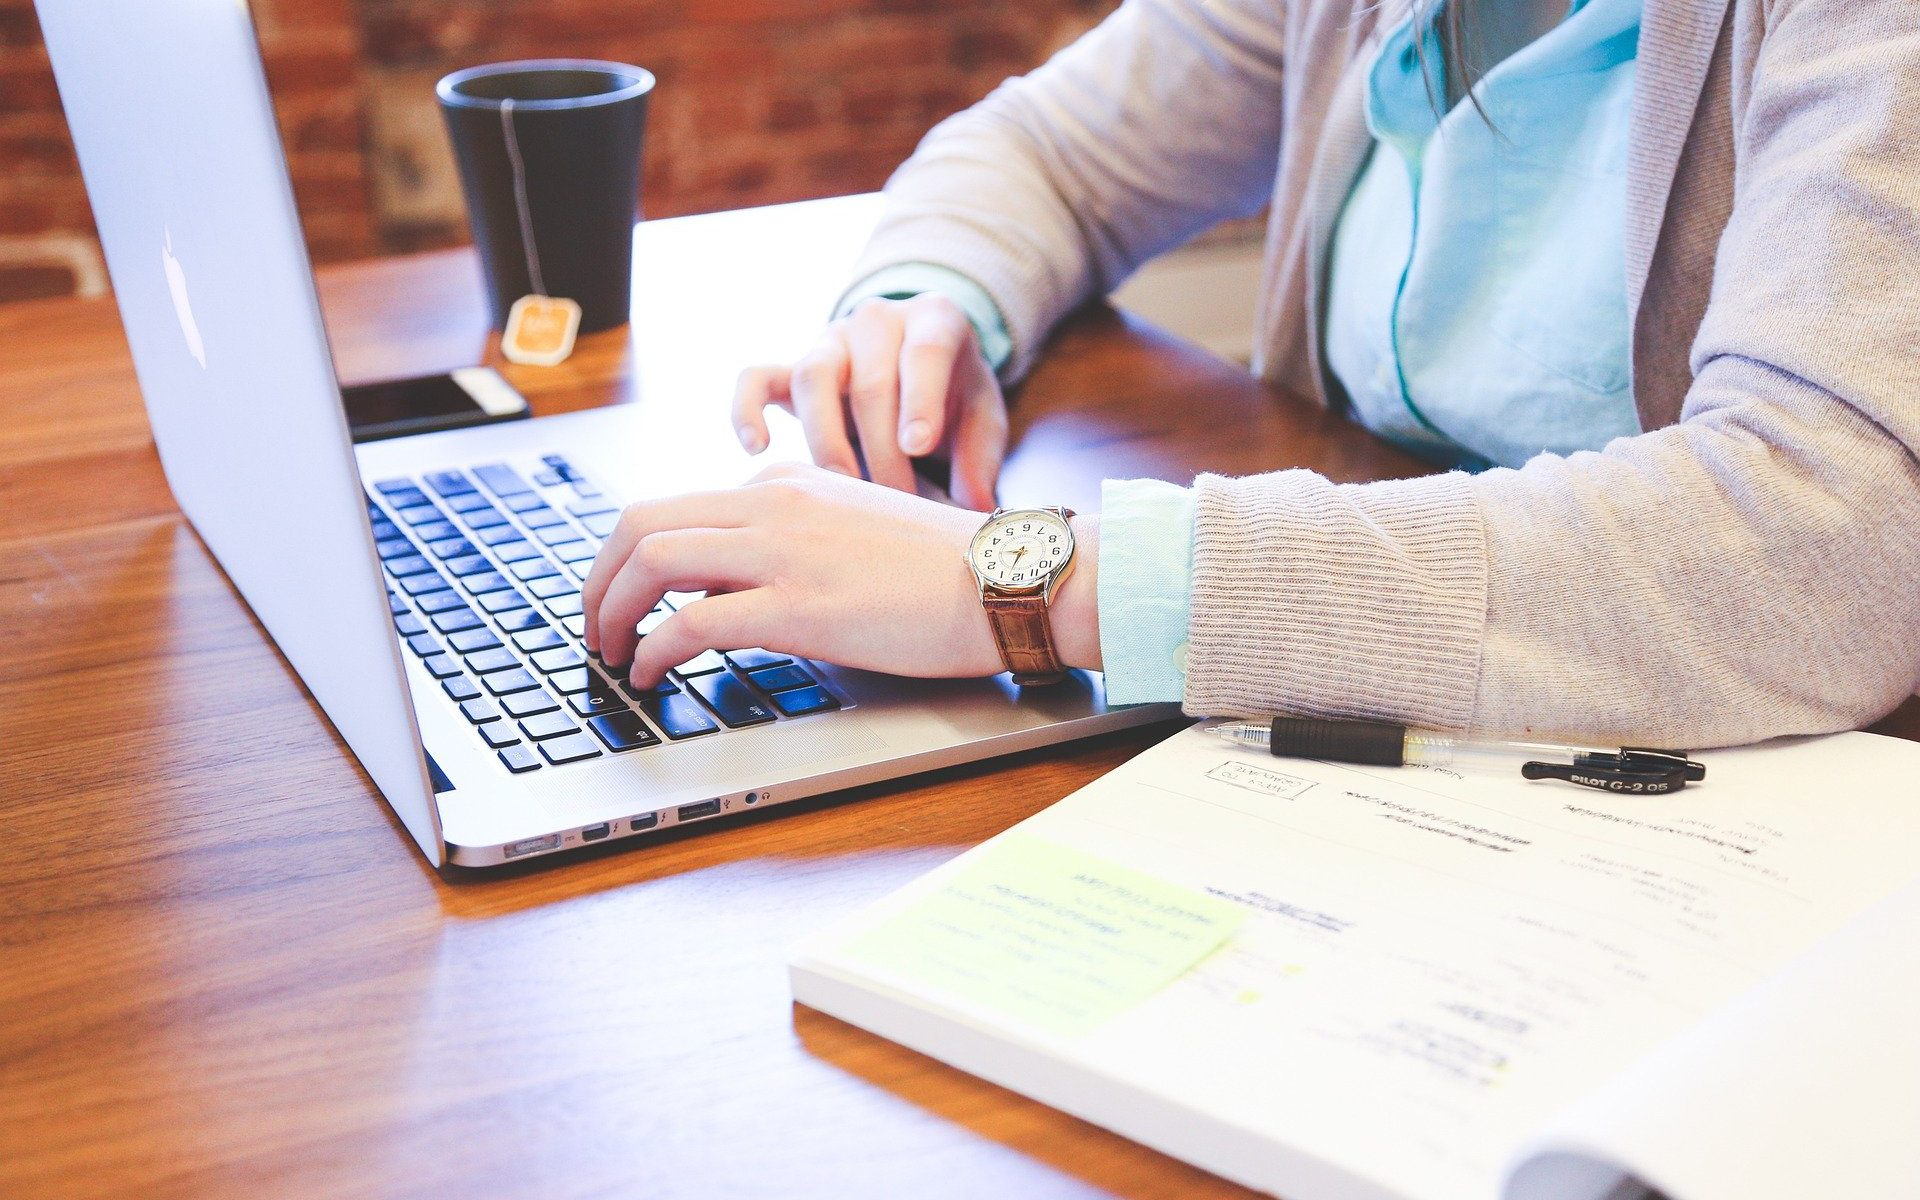 איך לבחור ספק אינטרנט - שייתן מענה לכל צרכי הארגון